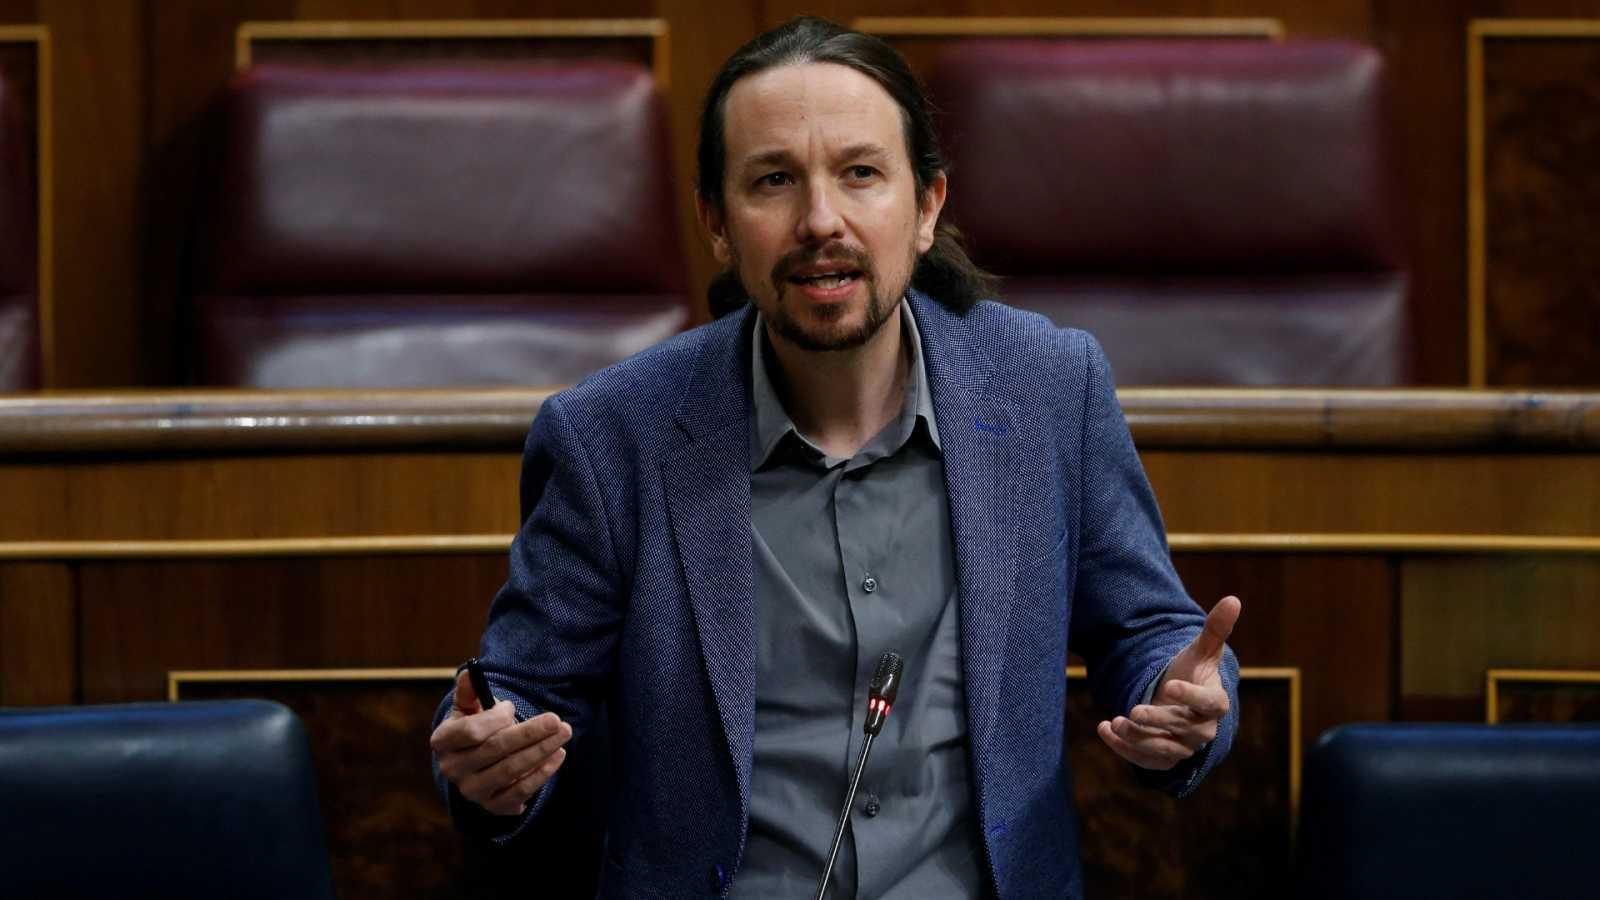 Podemos defiende que la derogación de la reforma laboral pactada con Bildu debe ser íntegra y Ábalos dice que no